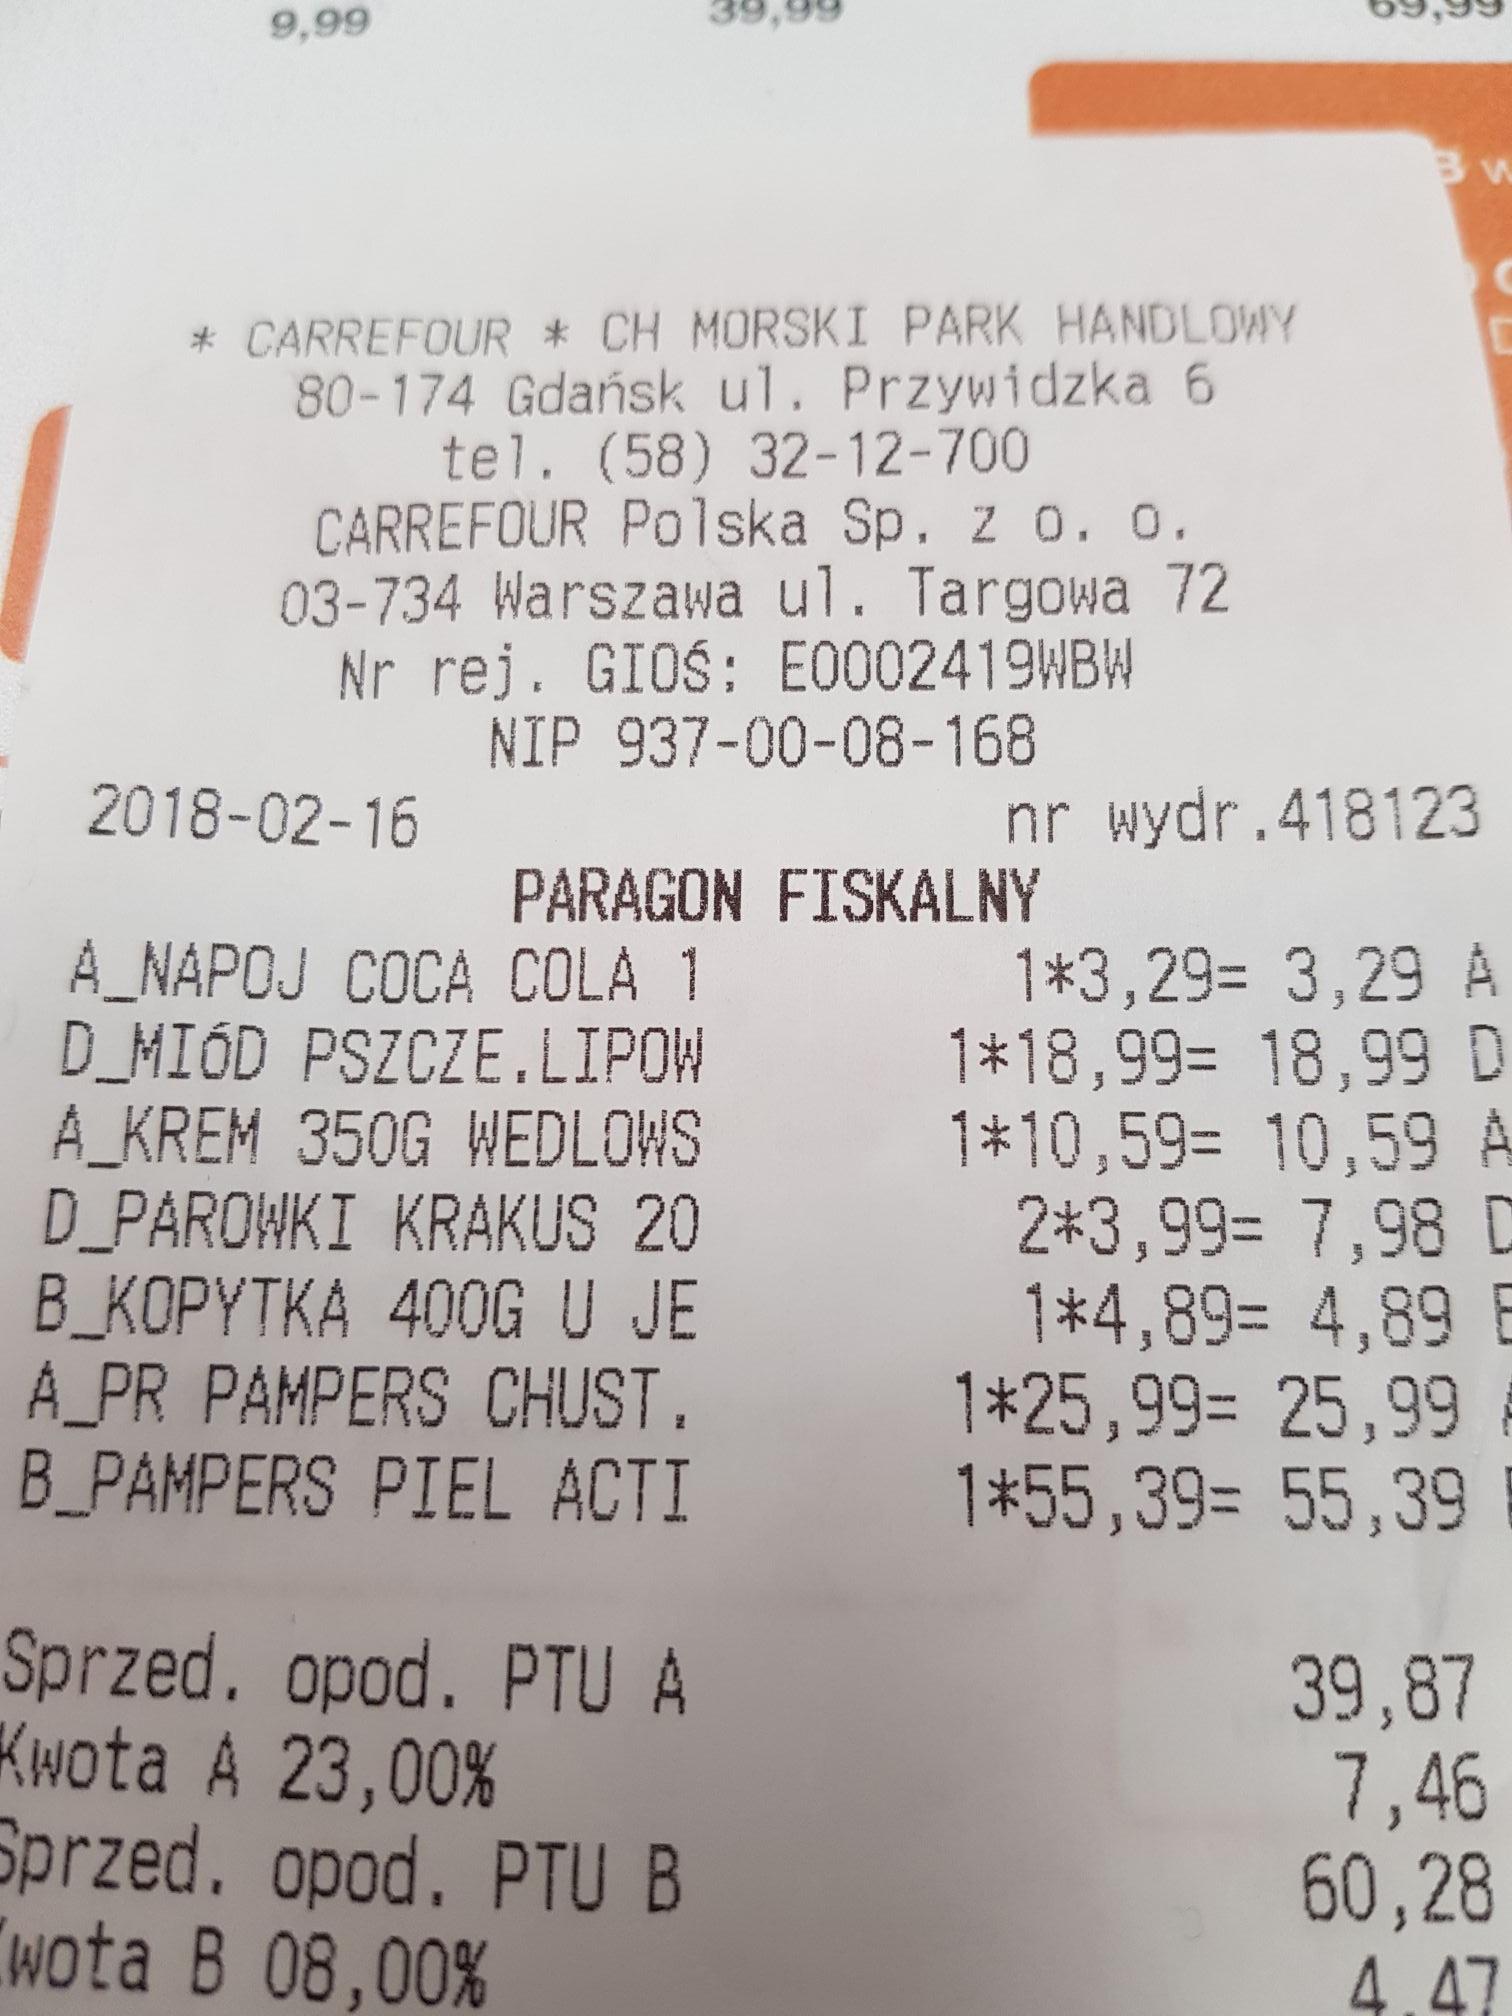 Pampers pieluszki różne rozmiary Carrefour, np 144szt Pampers 2 za 0,38gr szt